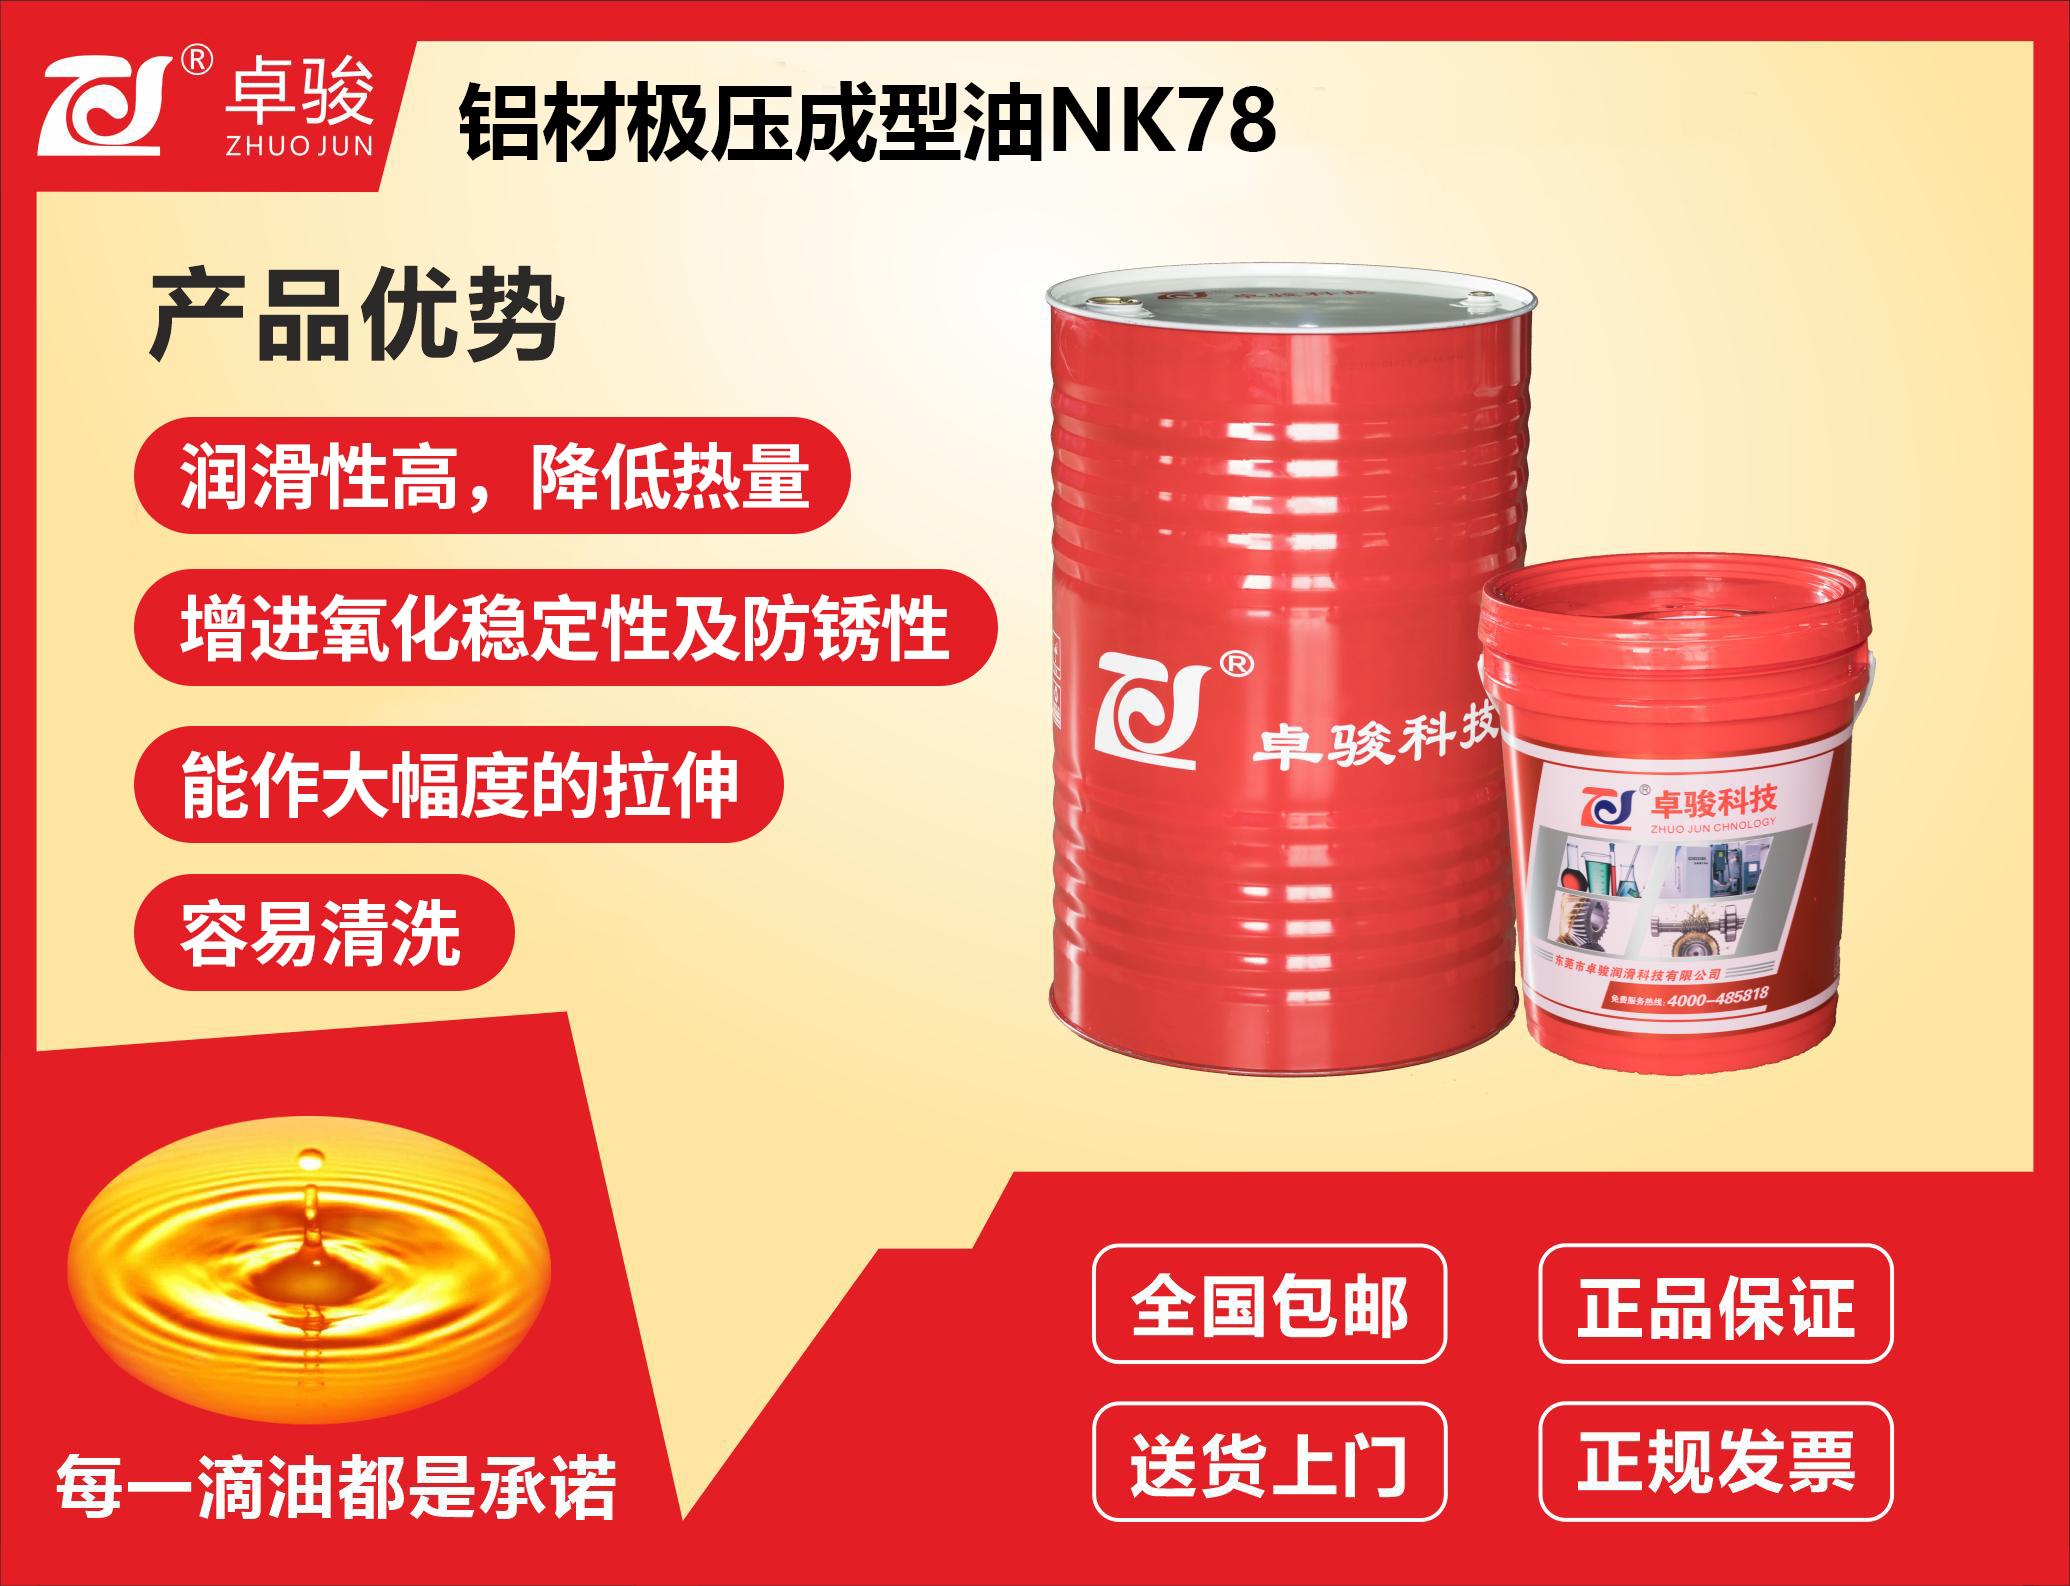 铝材极压成型油NK78